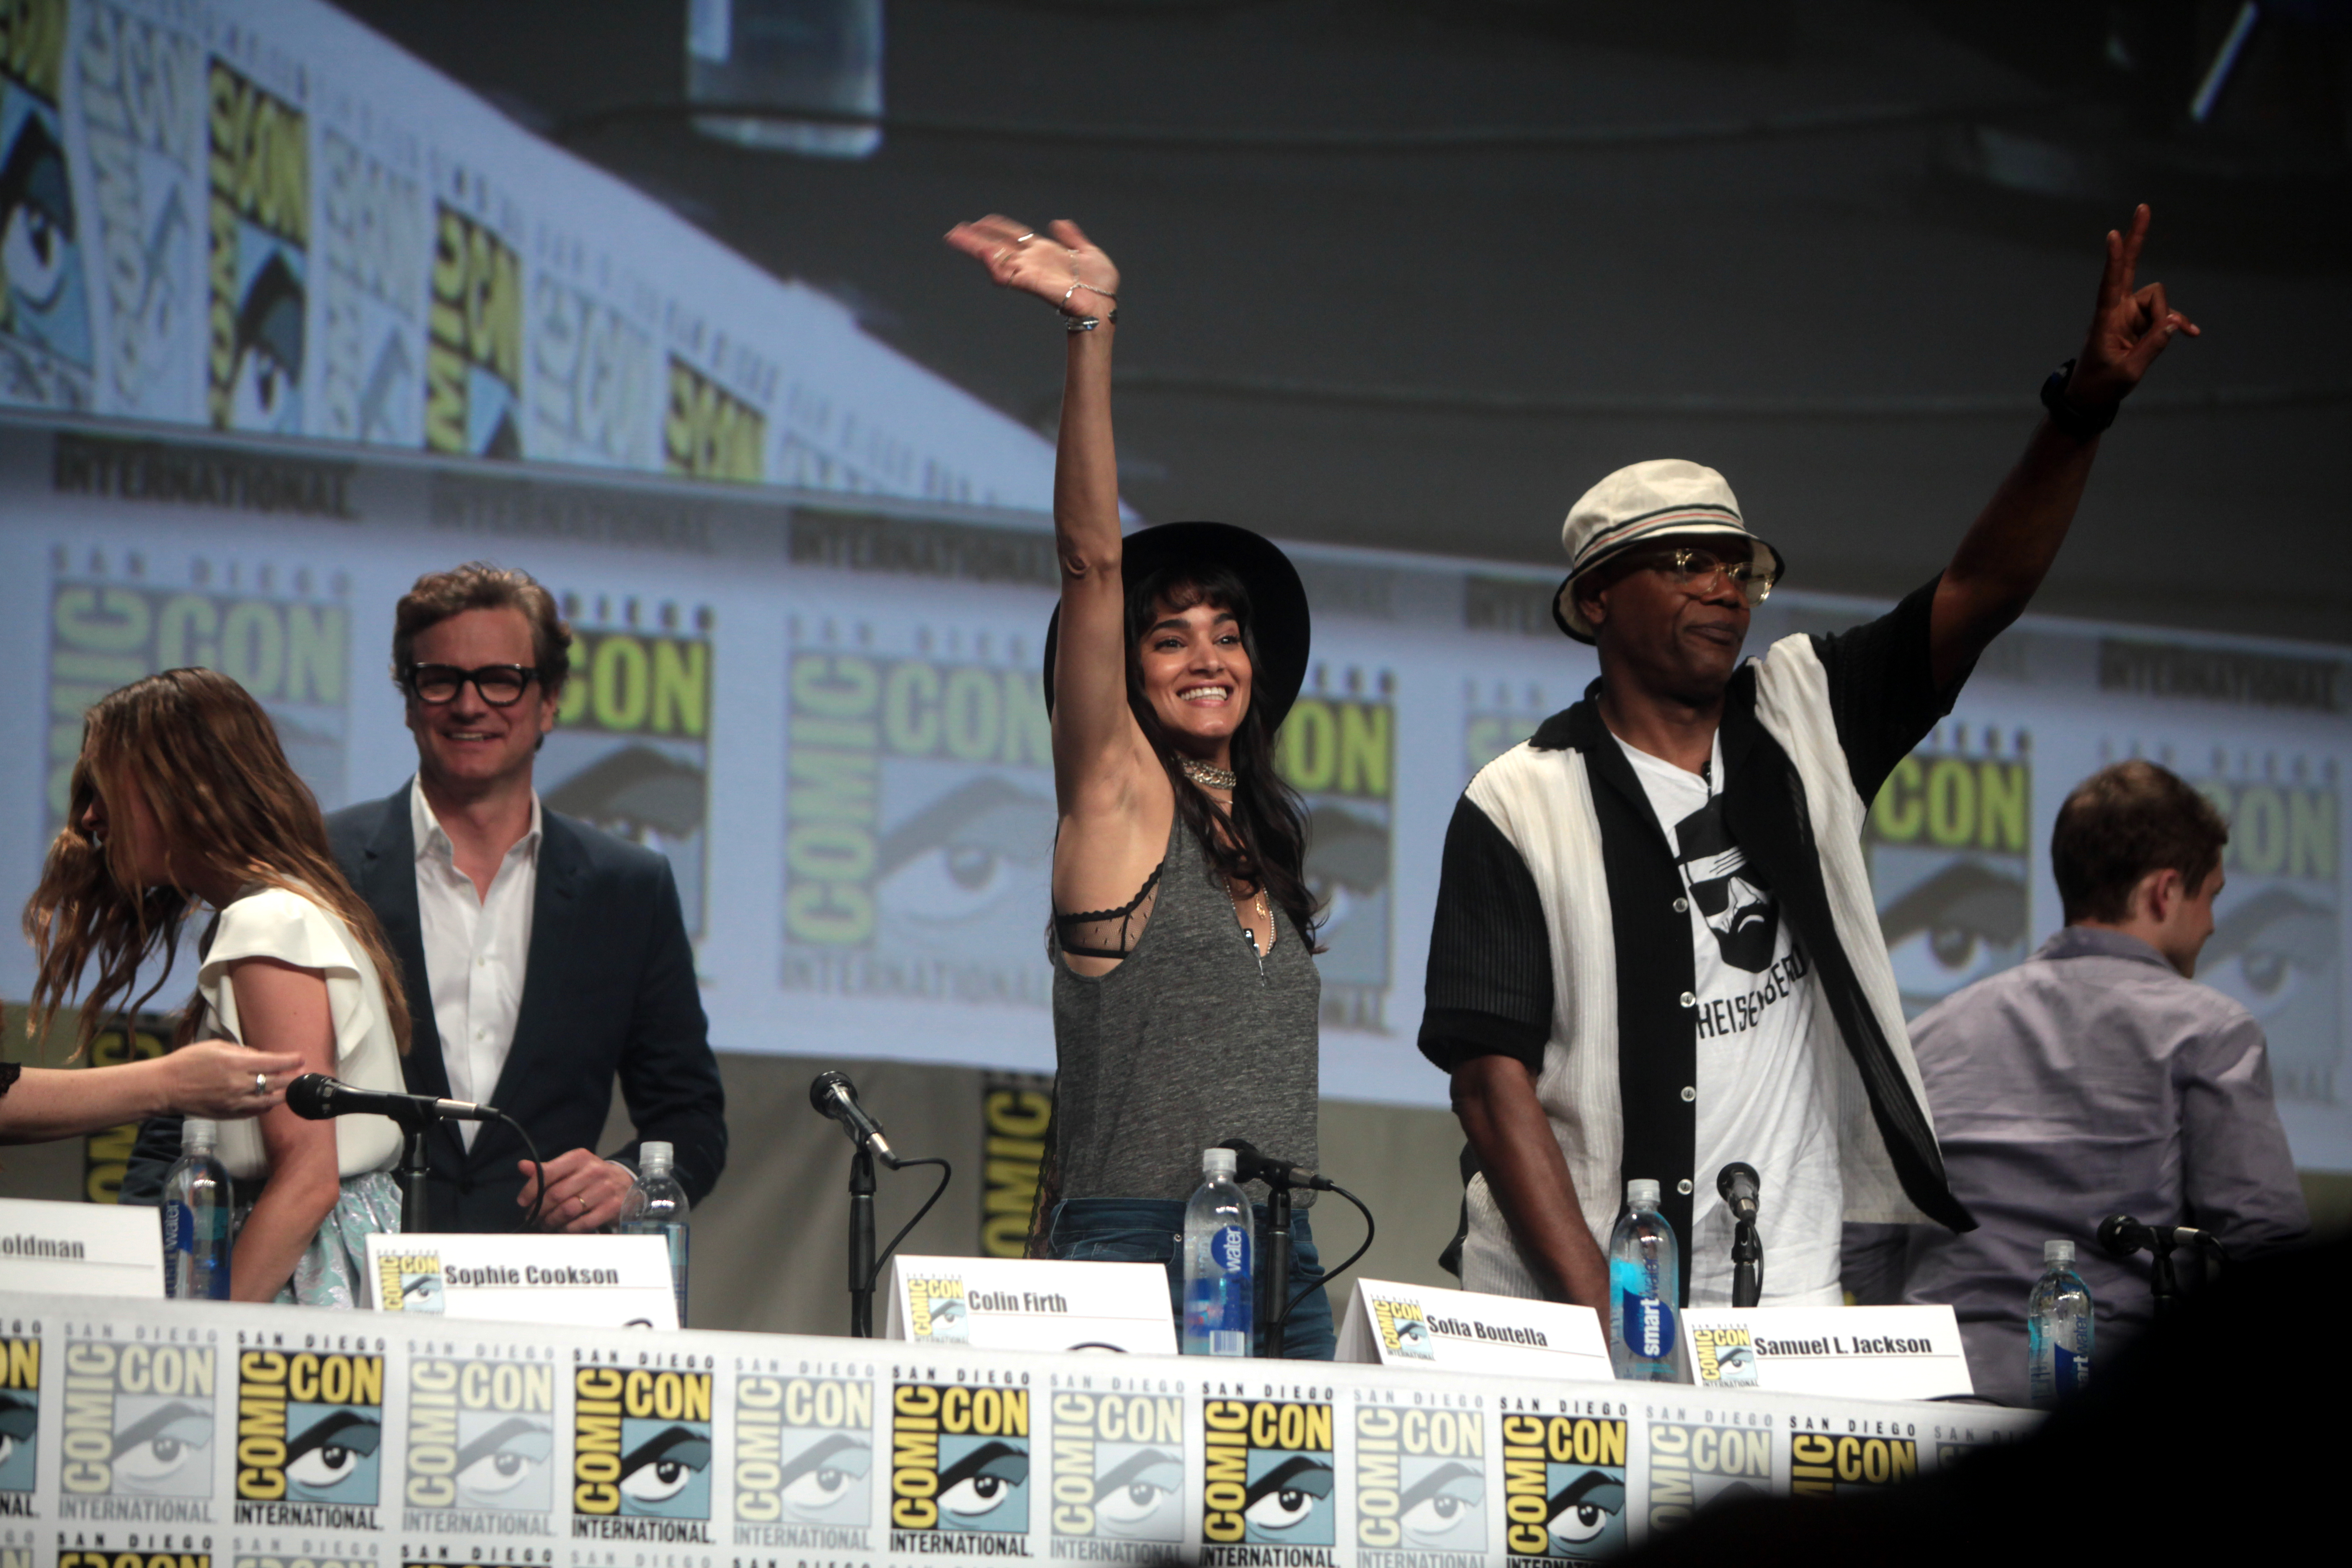 Sophie Cookson, Colin Firth, Sofia Boutella, Samuel L